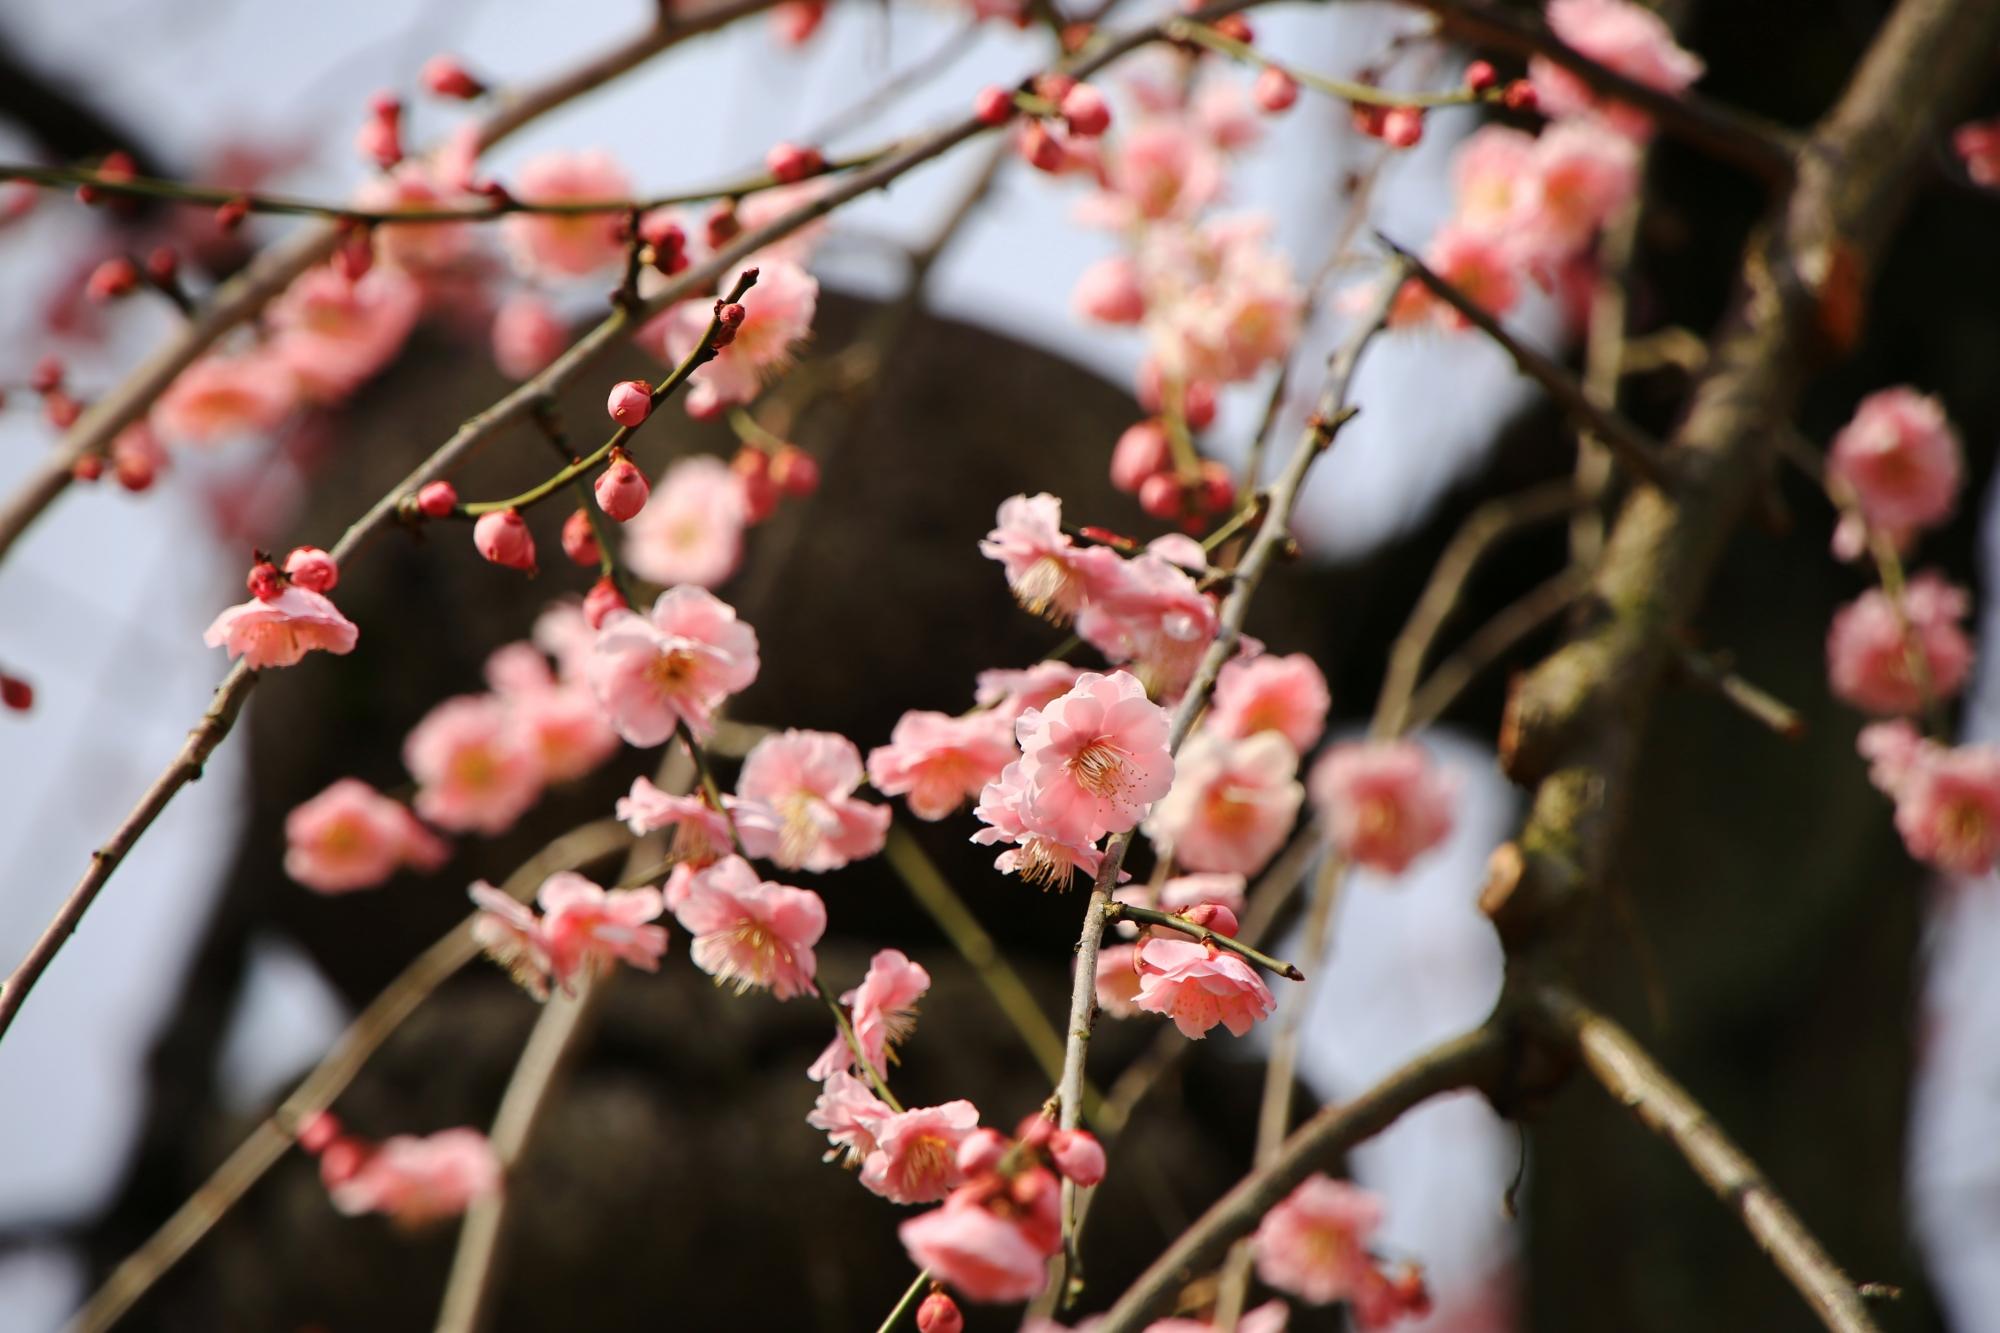 小さい花ながらも立派に咲く梅の花